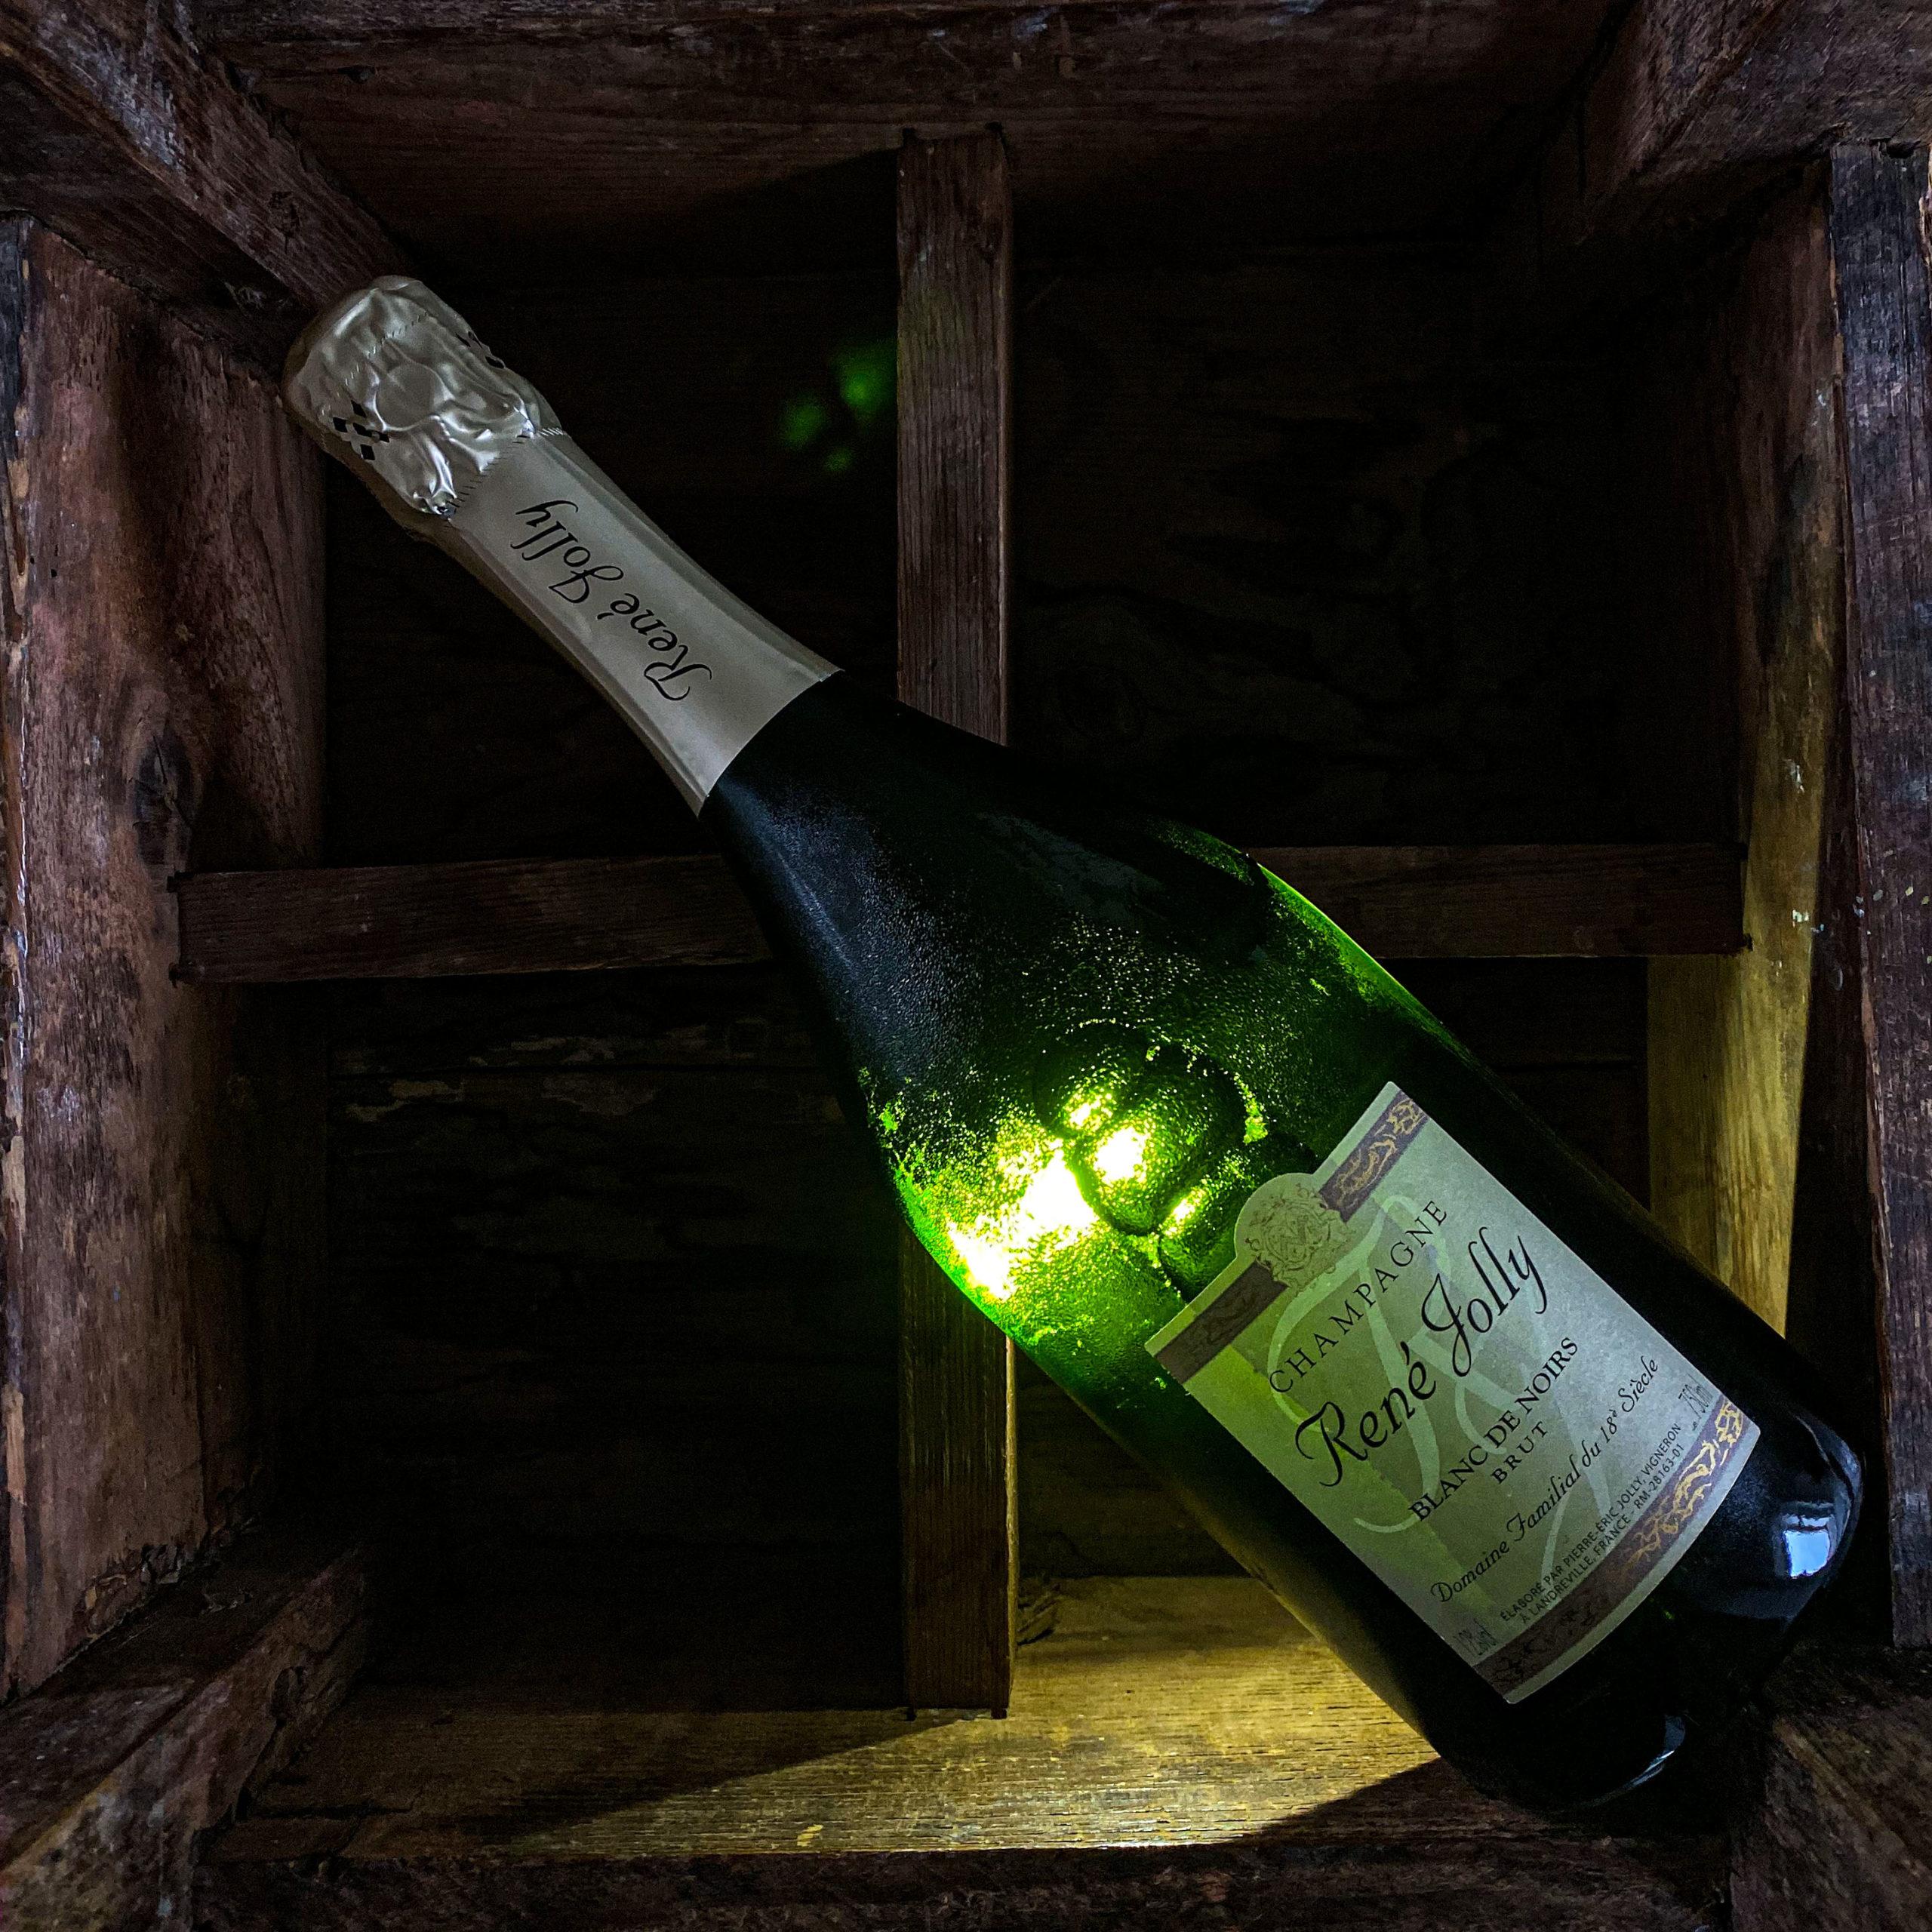 René Jolly   Blanc de Noir   100% Pinot Noir